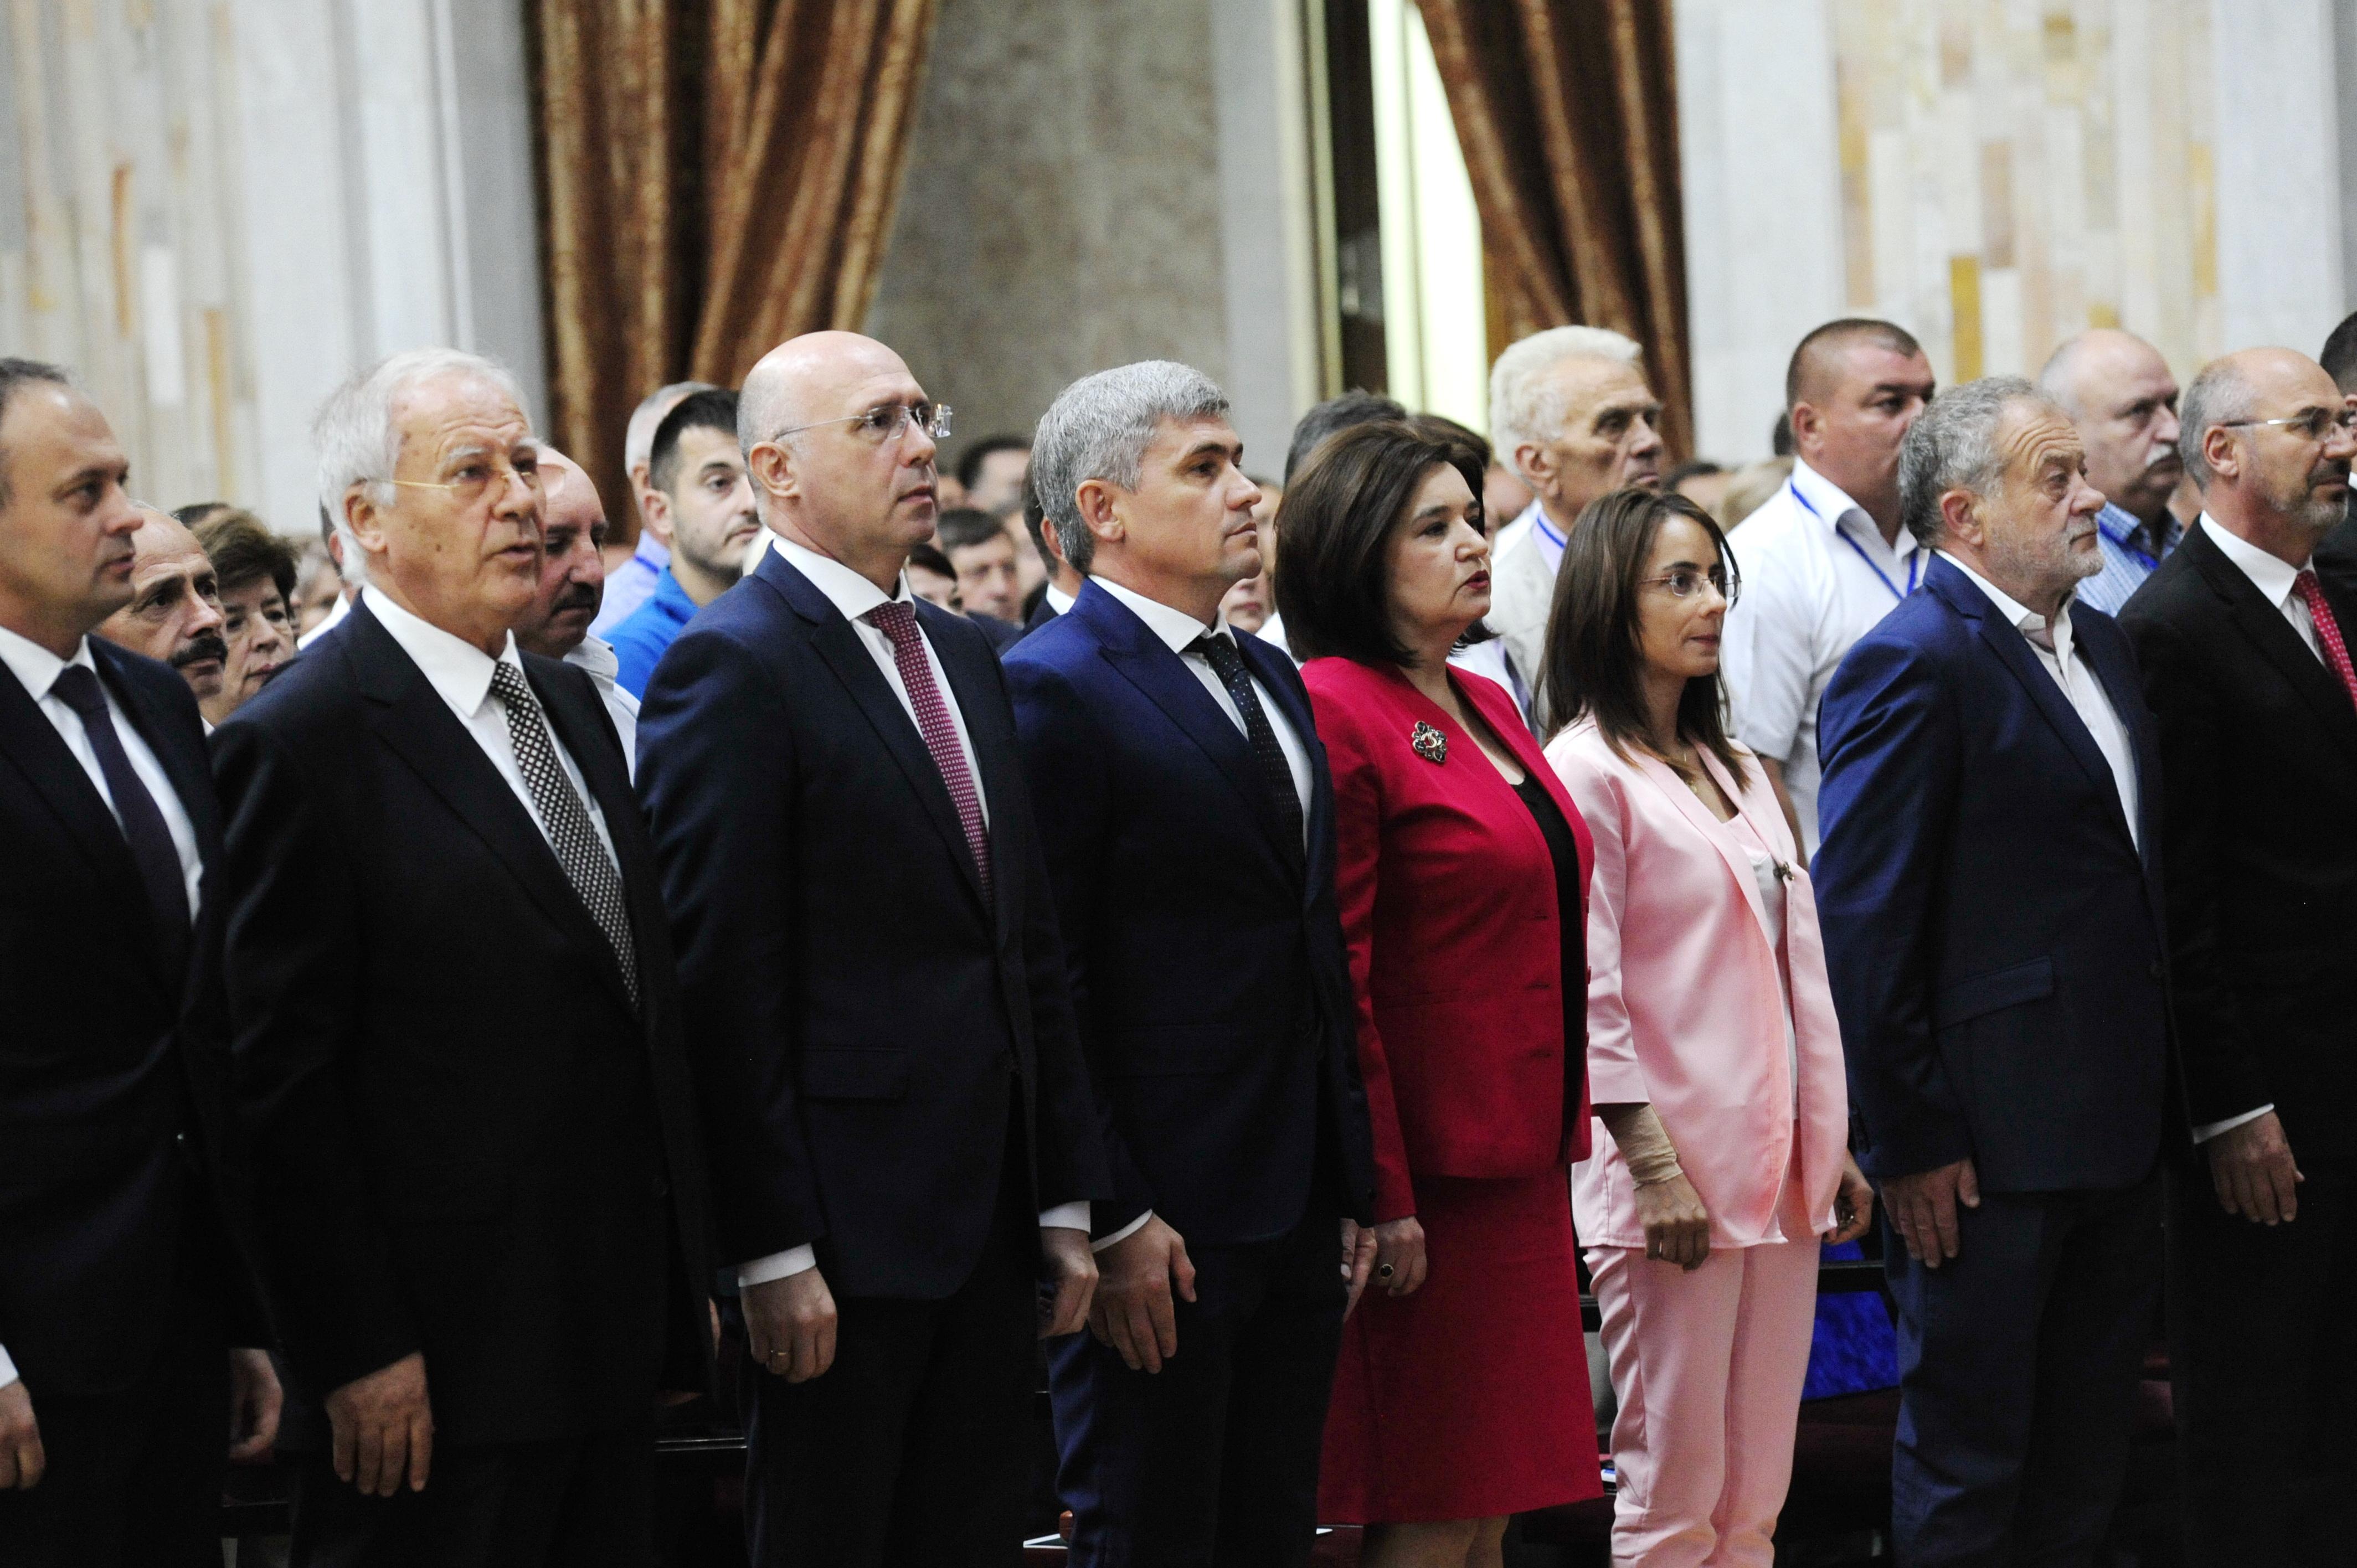 Демпартия избрала руководство иприняла декларацию против действий коалиции ACUM-ПСРМ. Фоторепортаж